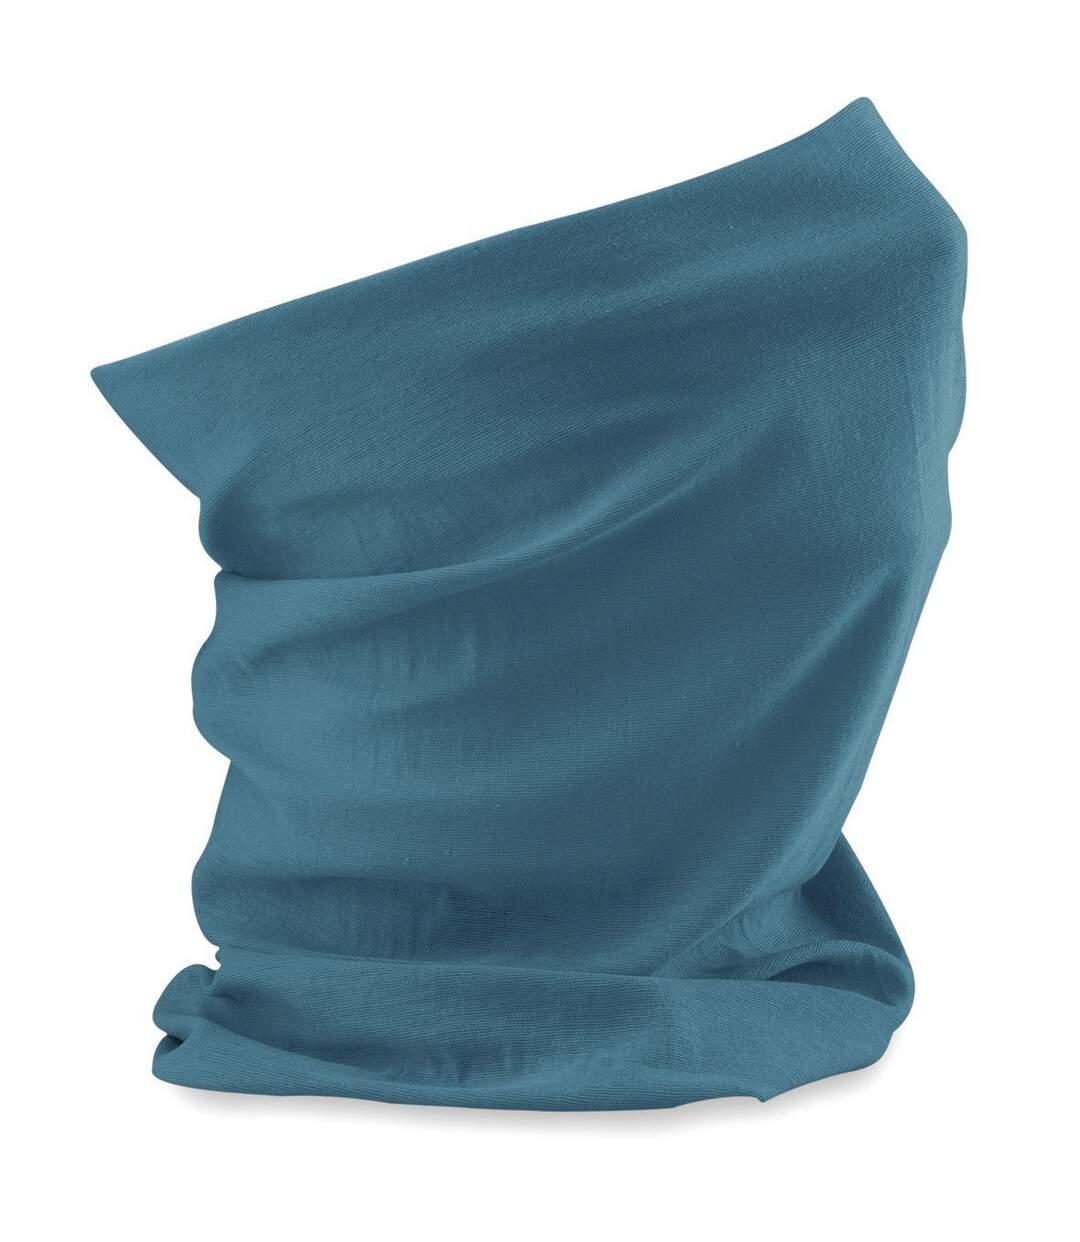 Echarpe tubulaire - tour de cou adulte - B900 - bleu airforce